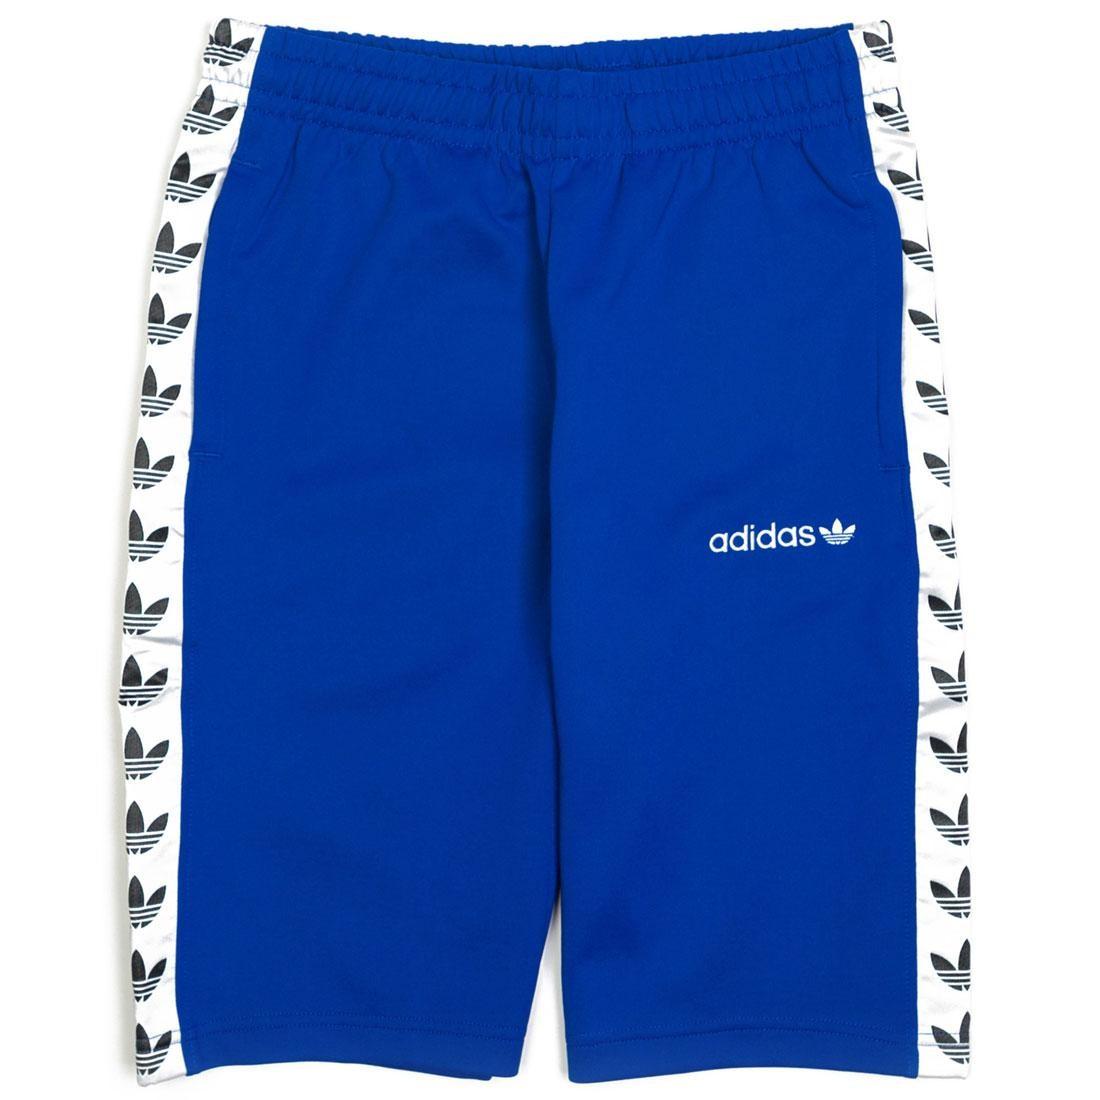 【海外限定】アディダス ショーツ ハーフパンツ 青 ブルー メンズファッション ズボン 【 ADIDAS BLUE MEN TNT SHORTS BOLD WHITE 】